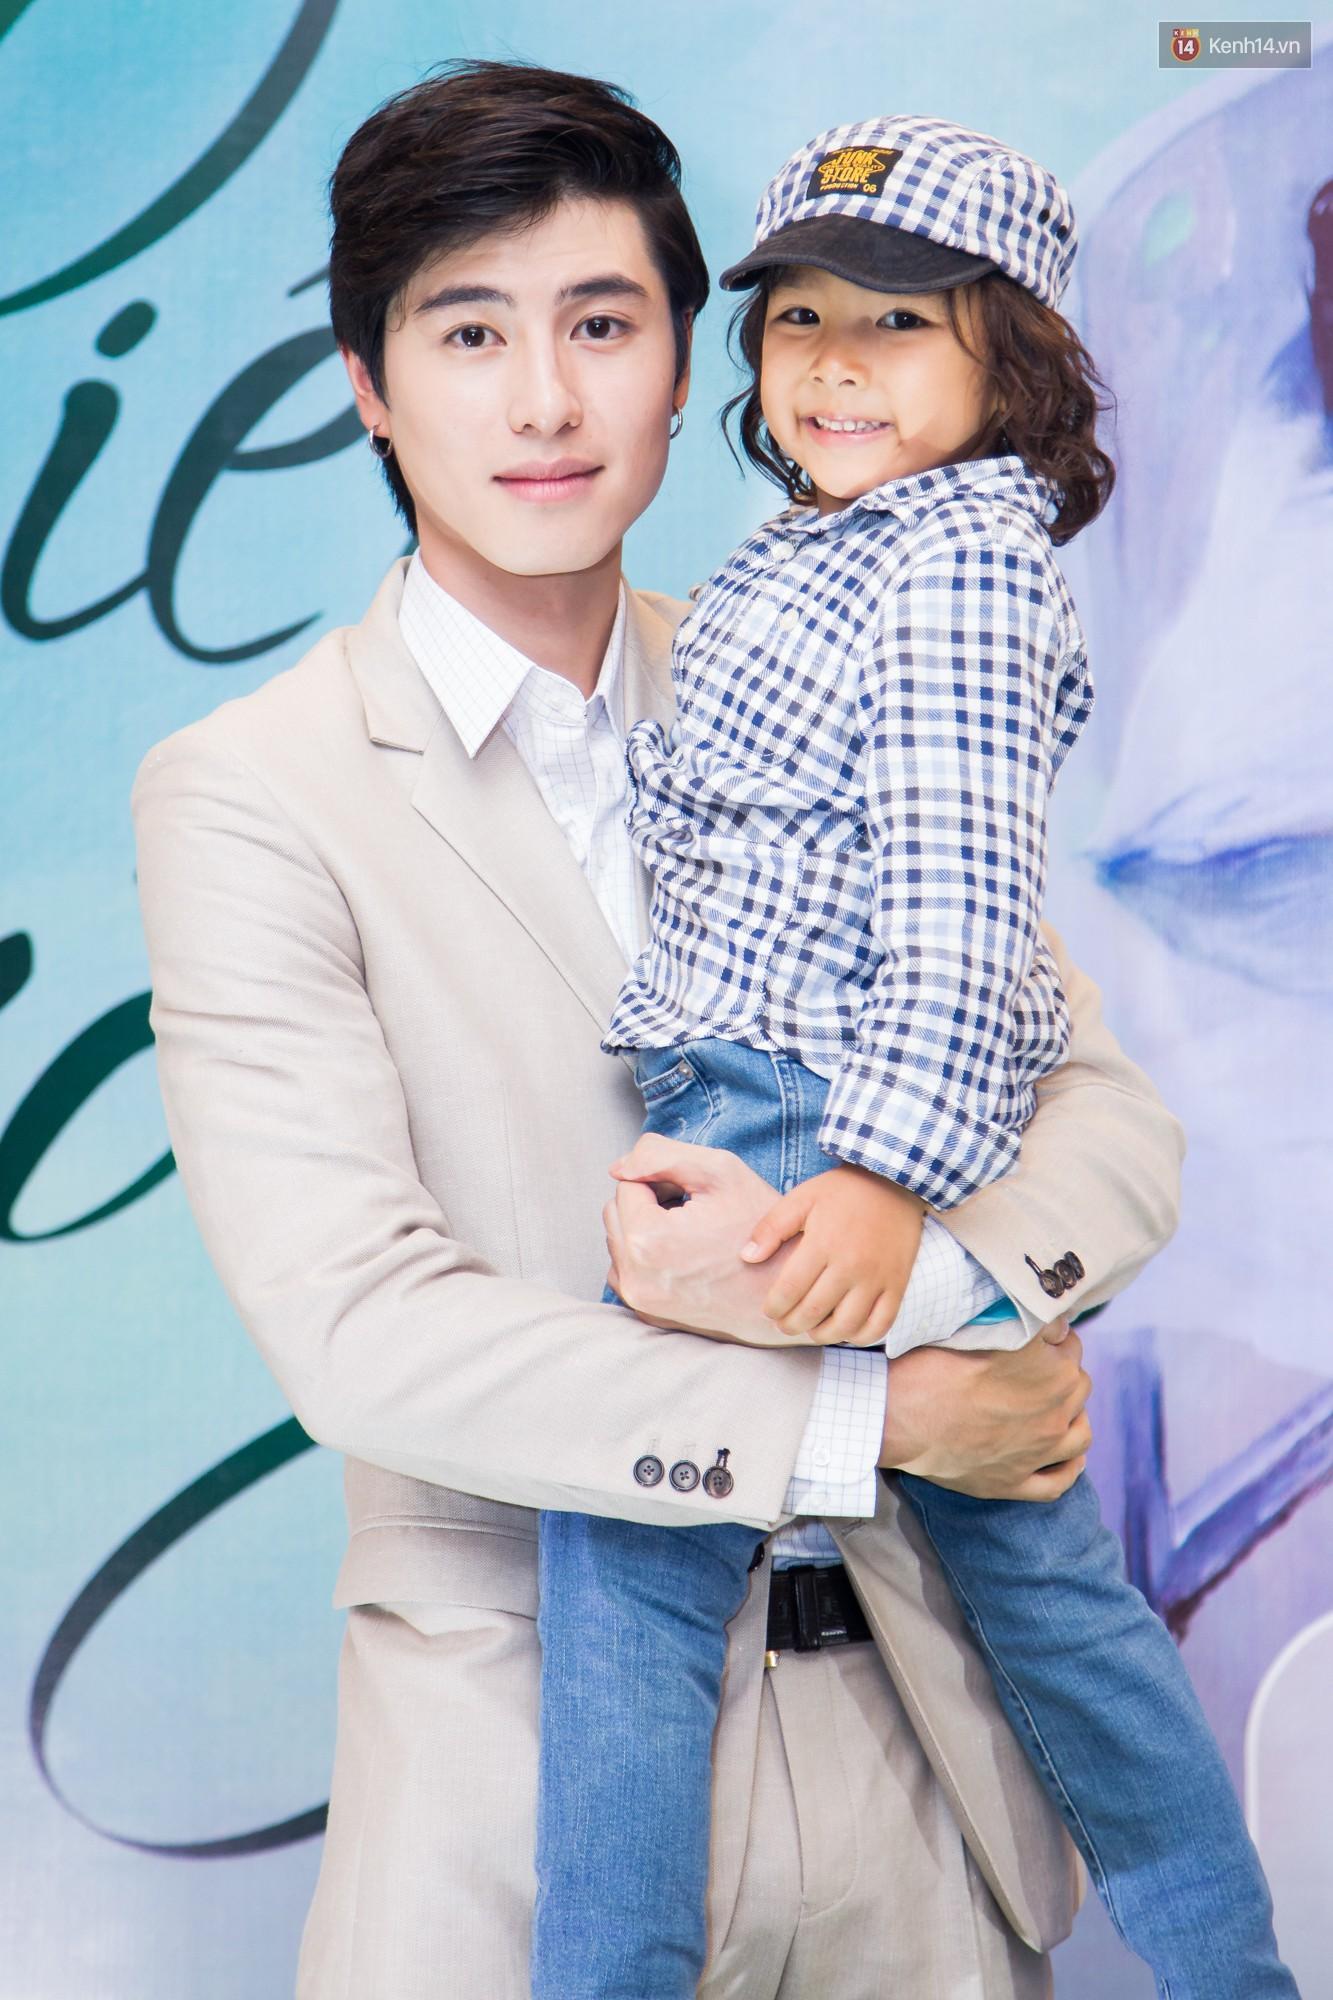 Tài tử Giày Thủy Tinh Han Jae Suk mặt lạnh như tiền ở buổi công bố dự án hợp tác cùng Lý Nhã Kỳ - Ảnh 13.